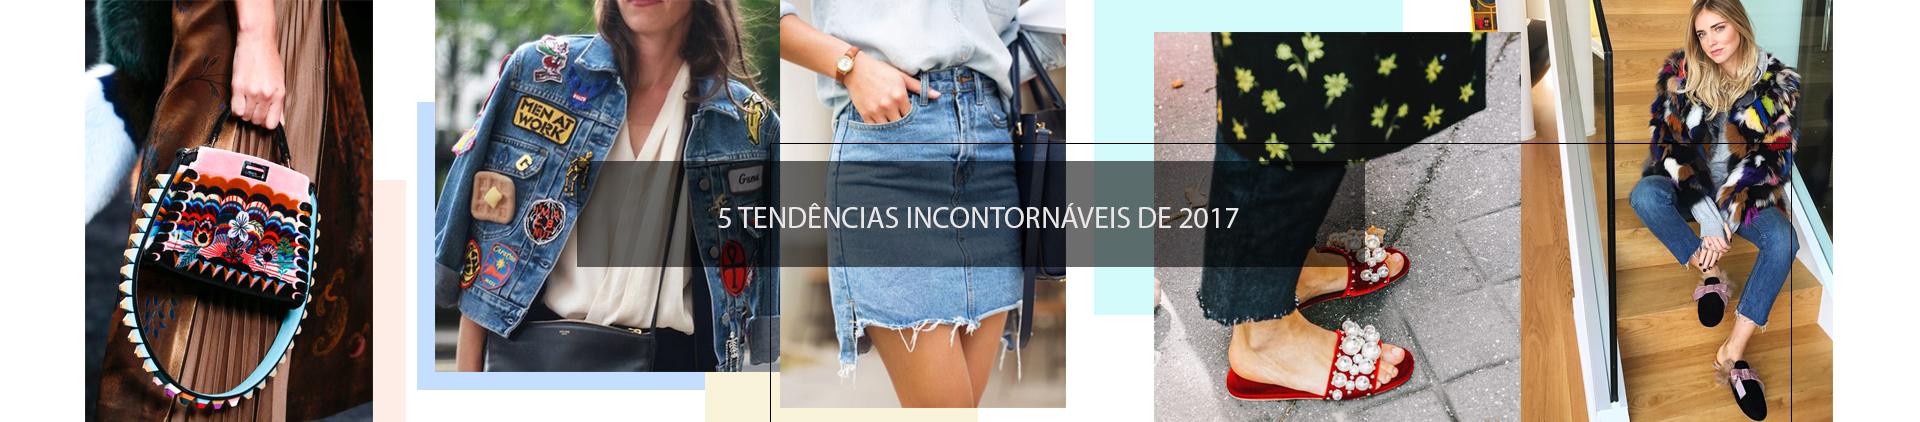 MIX DE TRENDS: 5 TENDÊNCIAS INCONTORNÁVEIS DE 2017